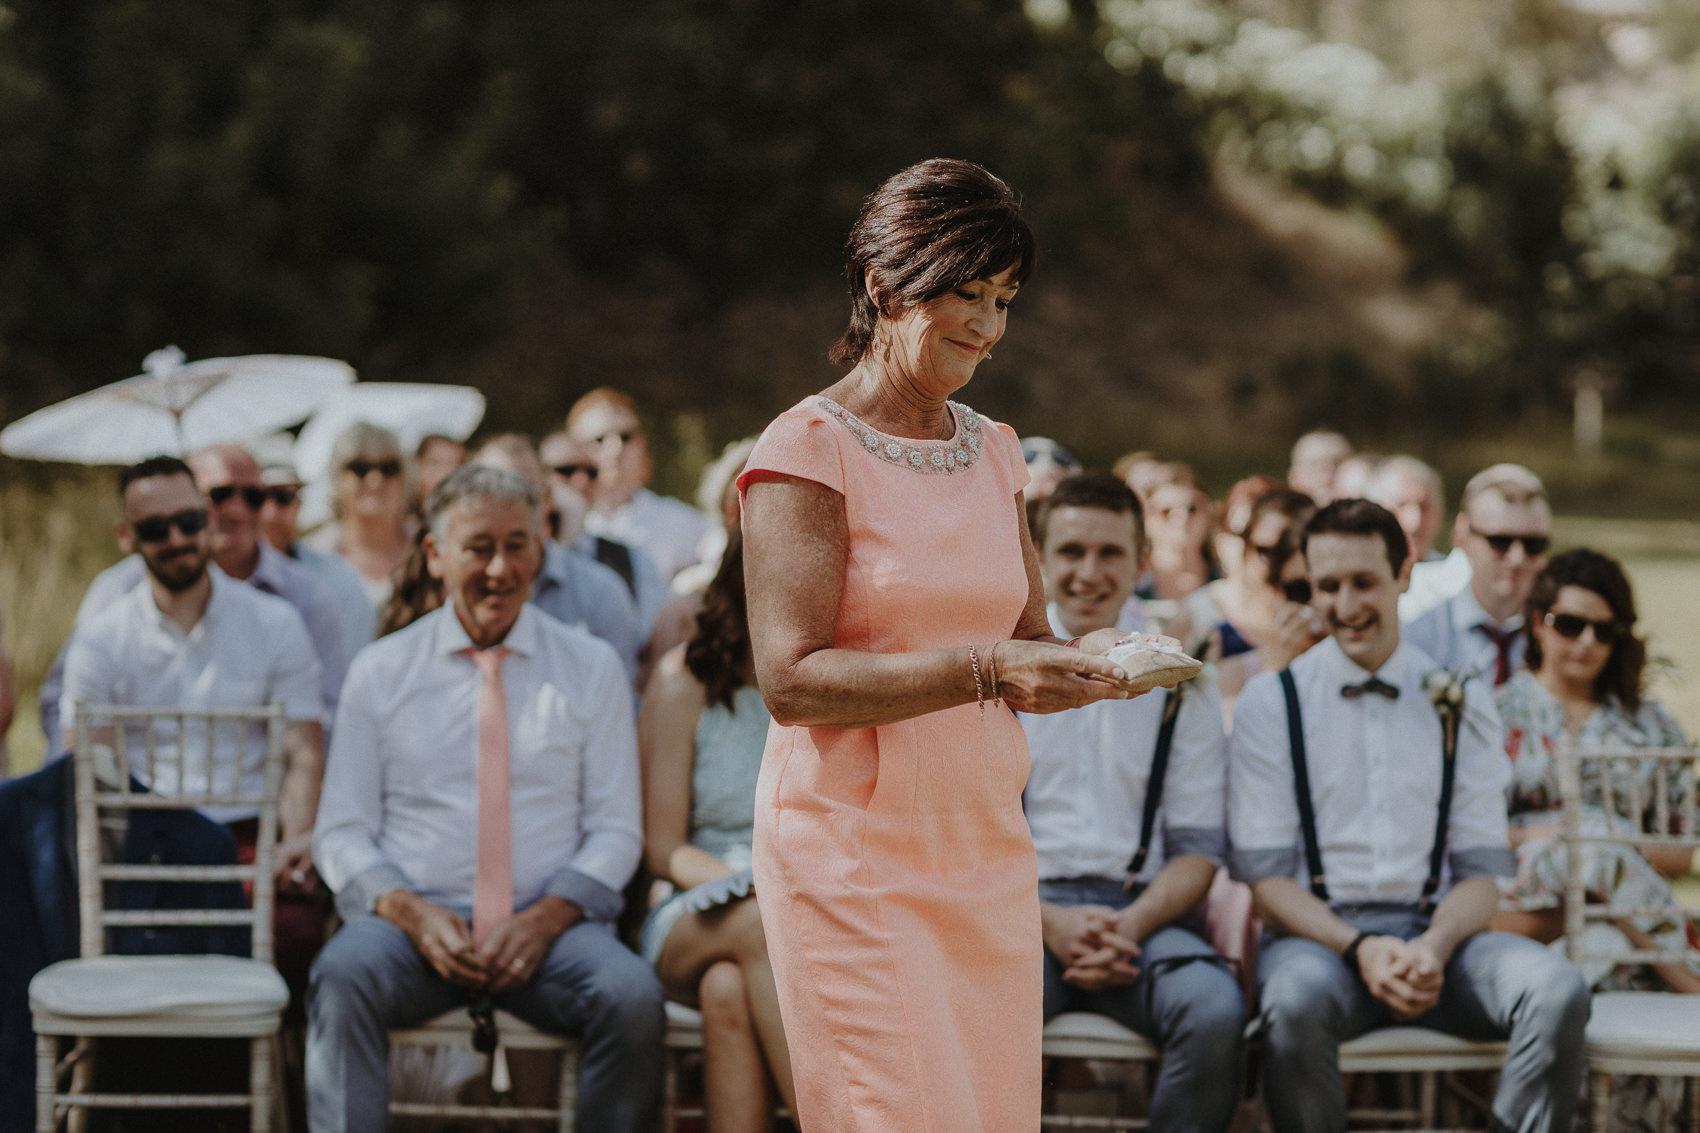 Sarah & Bill | Summer wedding at Cortijo Rosa Blanca | Marbella - Spain 81